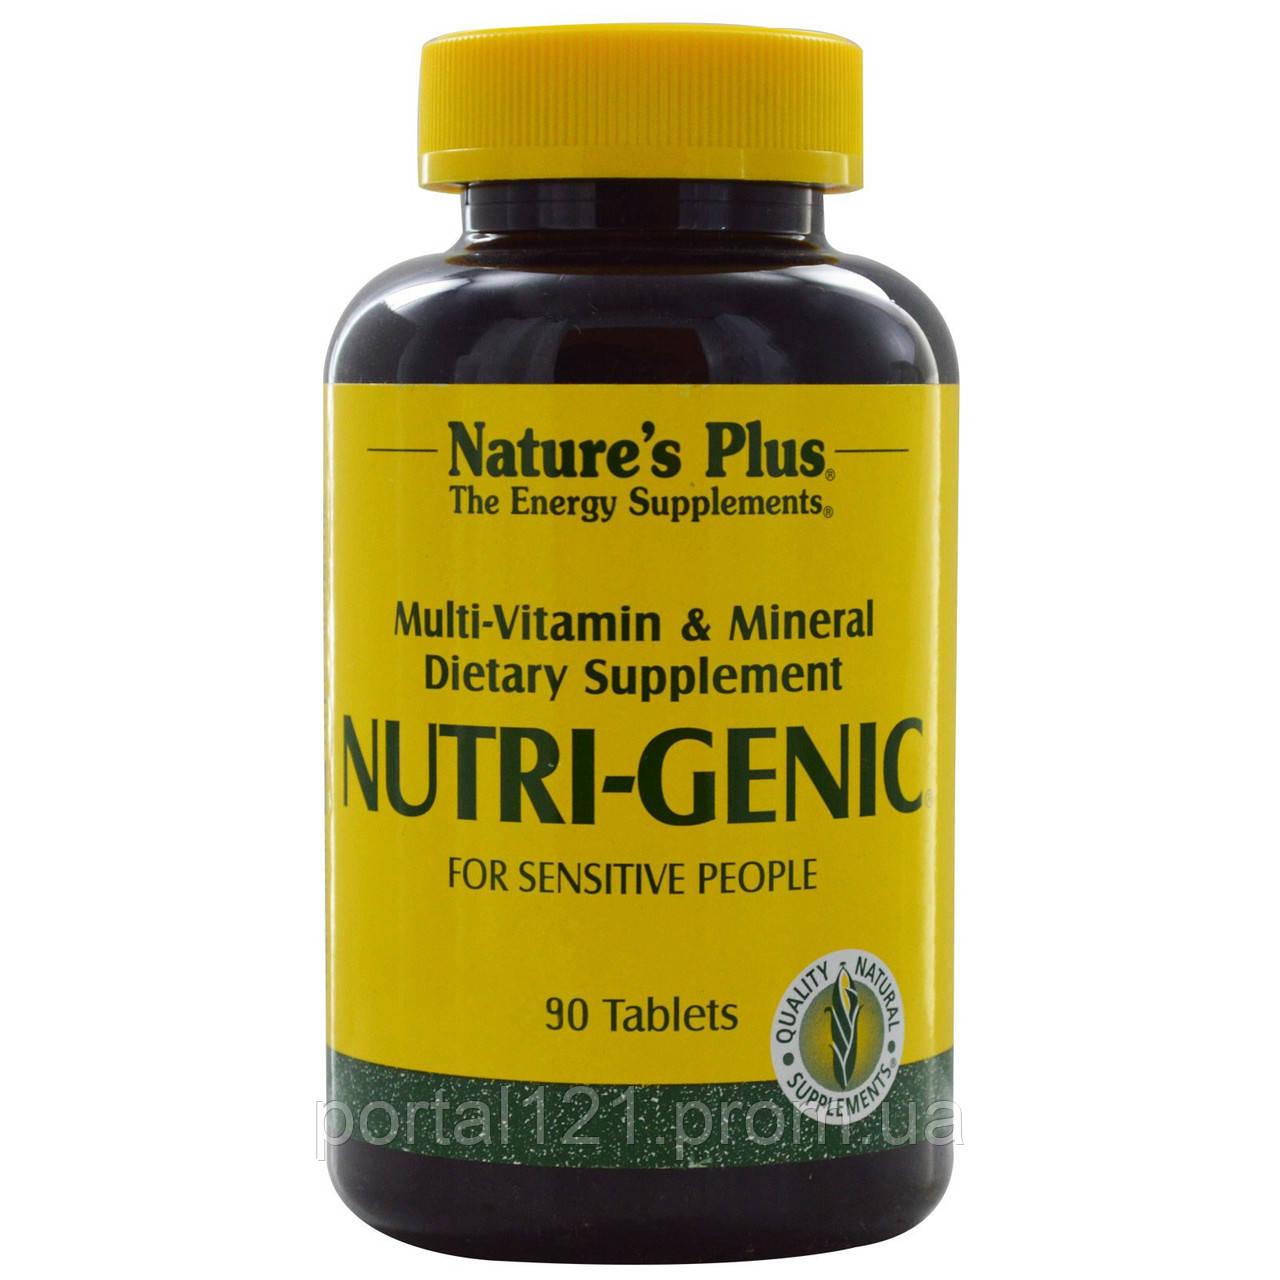 Мультивитамины для Поддержания Энергии, Nutri-Genic, Natures Plus, 90 таблеток